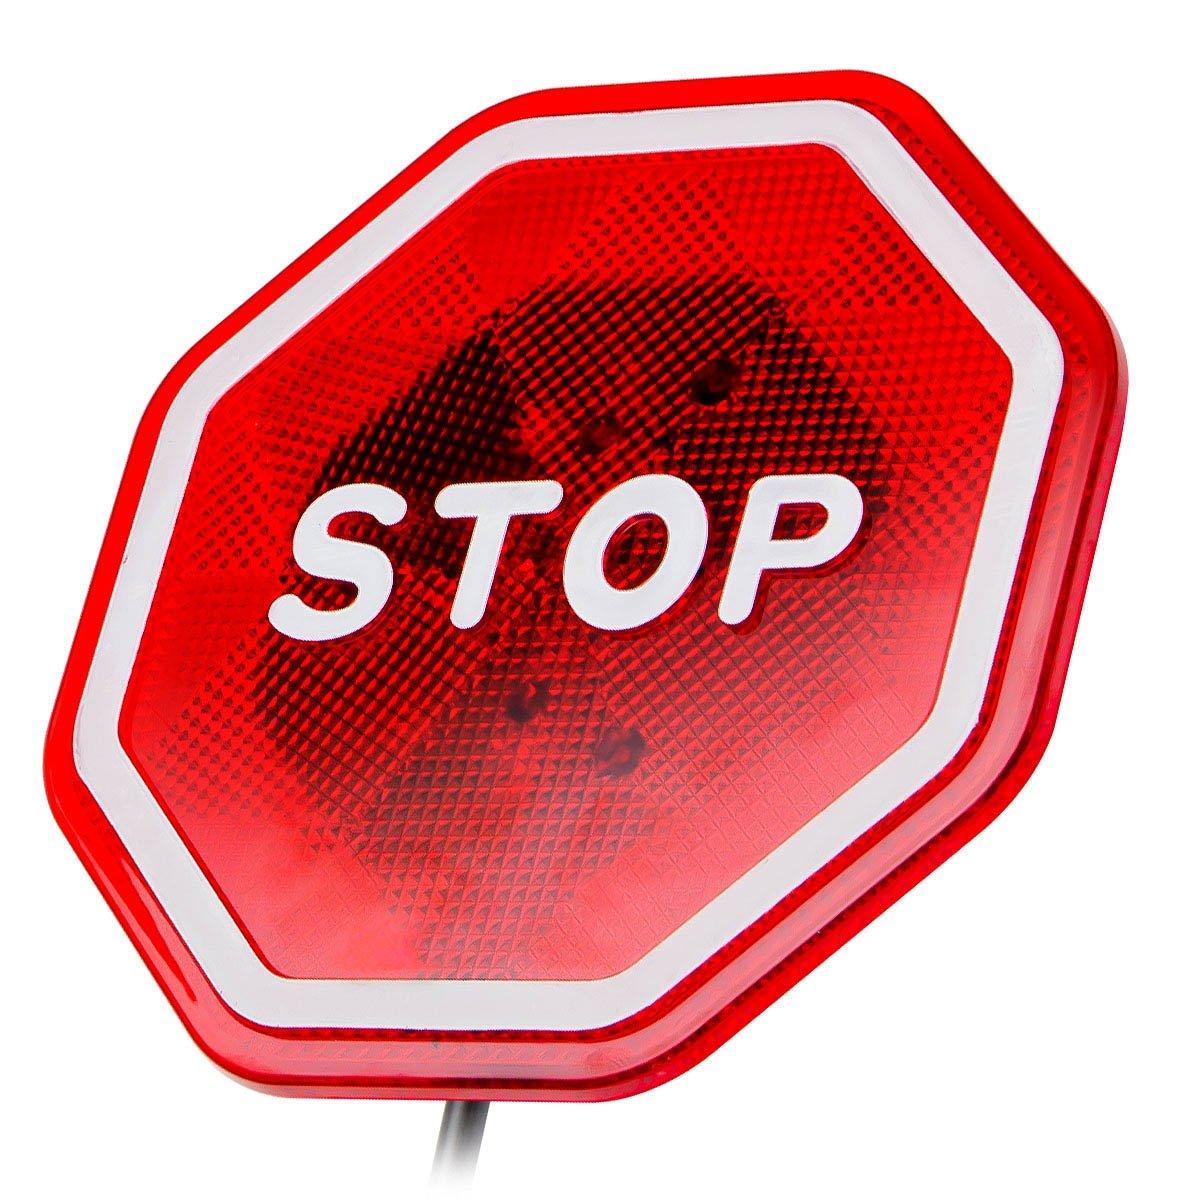 Car Flashing LED Light Garage Parking Signal Stop Sign